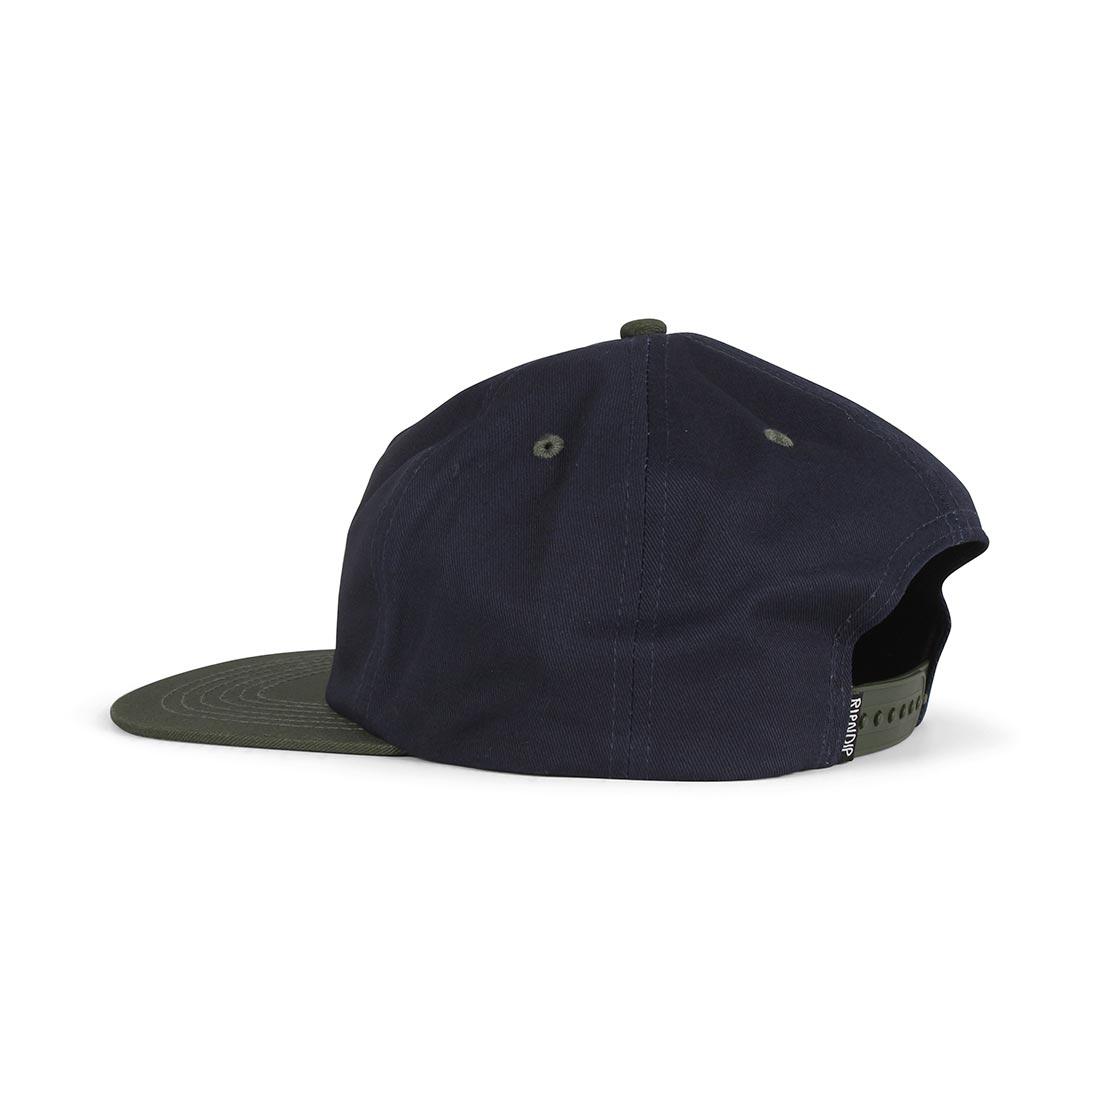 RIPNDIP Castanza 5 Panel Snapback Hat - Navy / Hunter Green